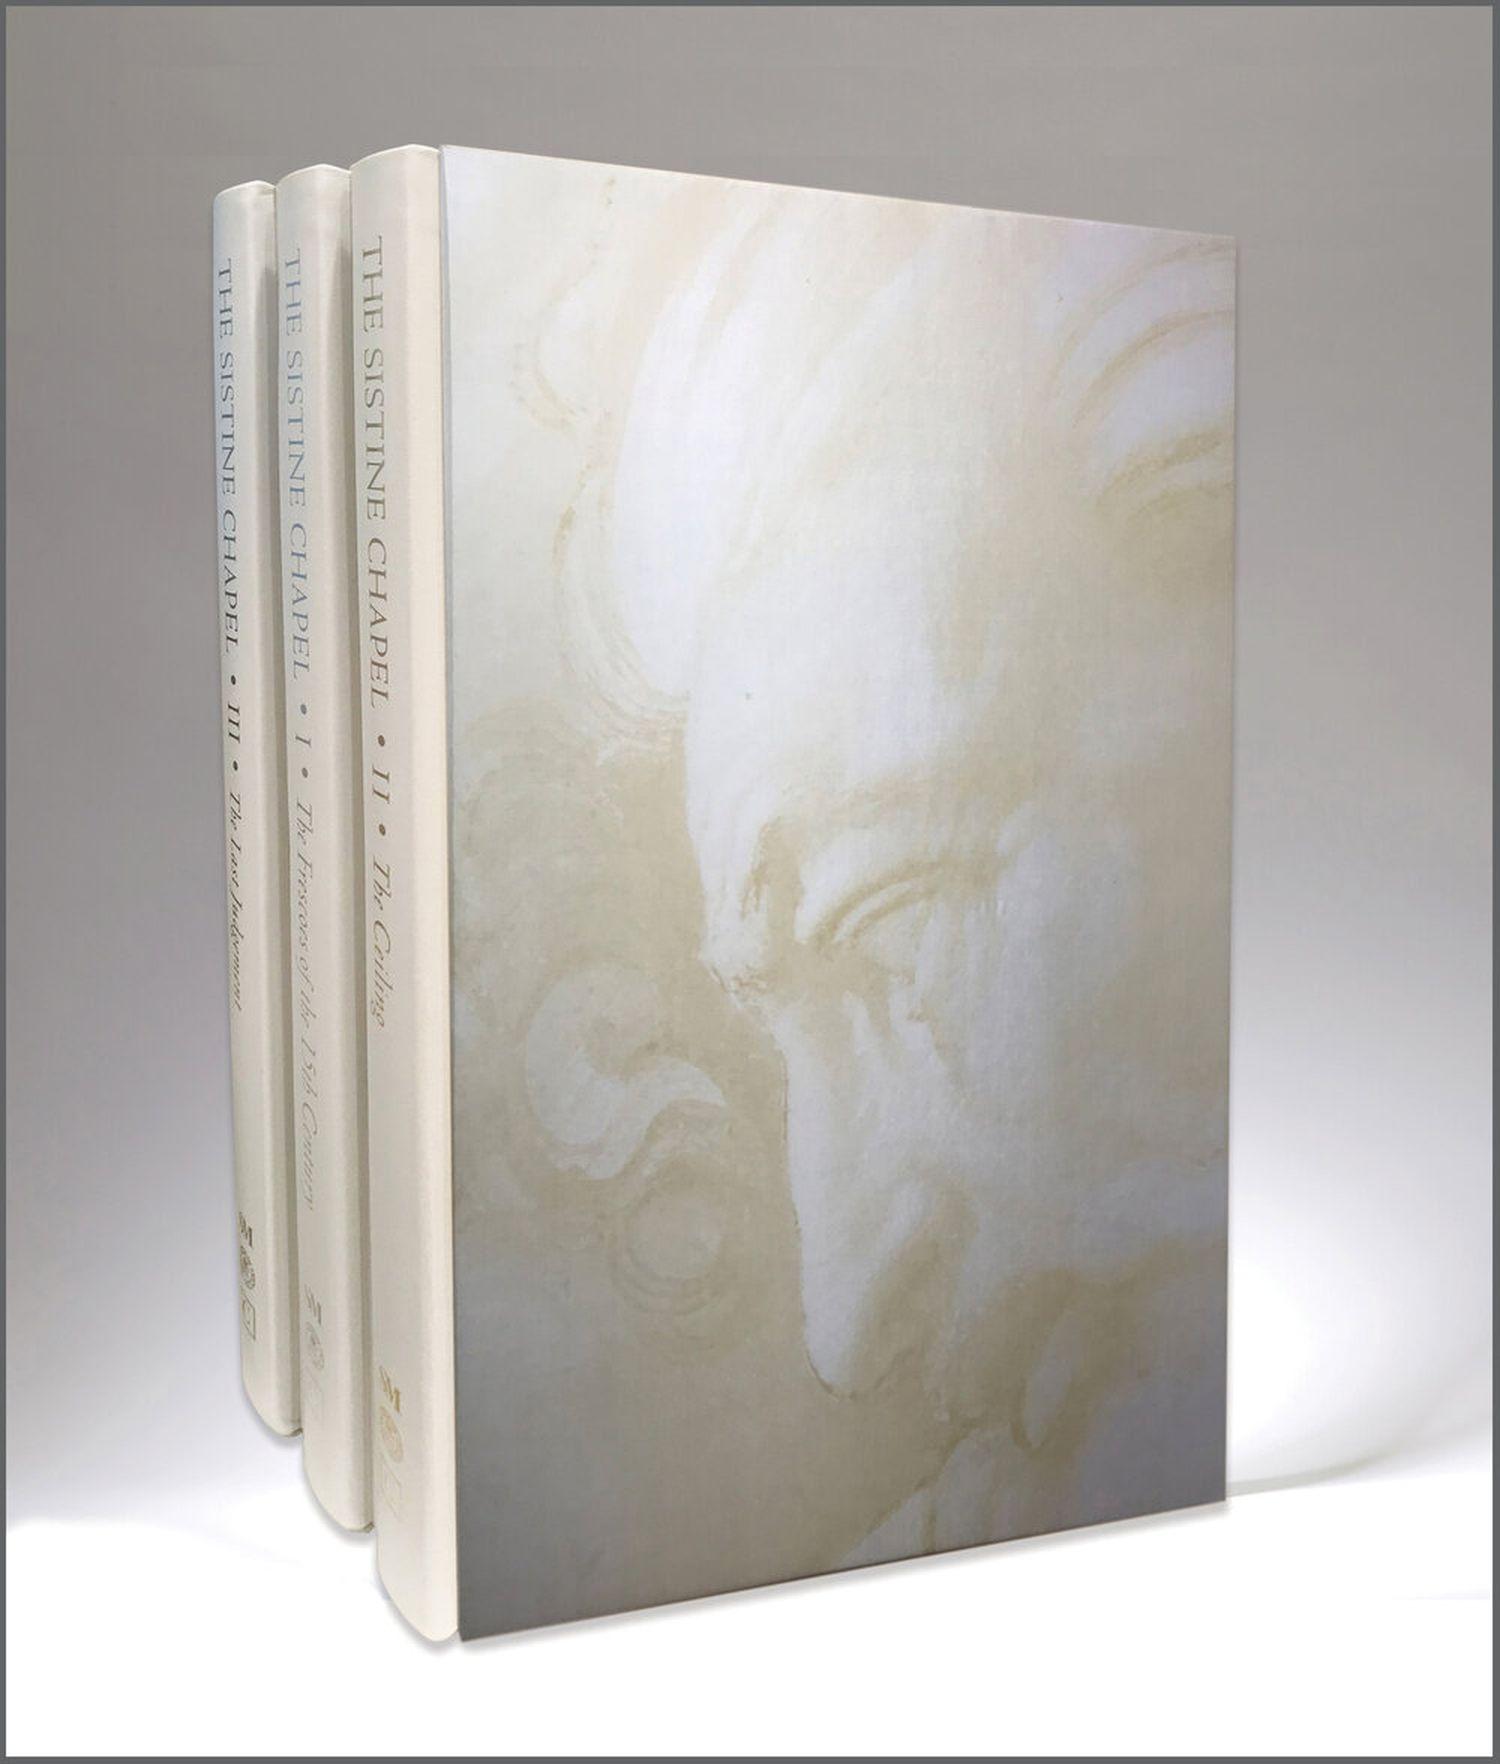 The Sistine Chapel' é uma edição limitada em três volumes encadernados em seda – com impressões em lâminas de prata, ouro e platina – e vendida por cerca de 20.000 euros.